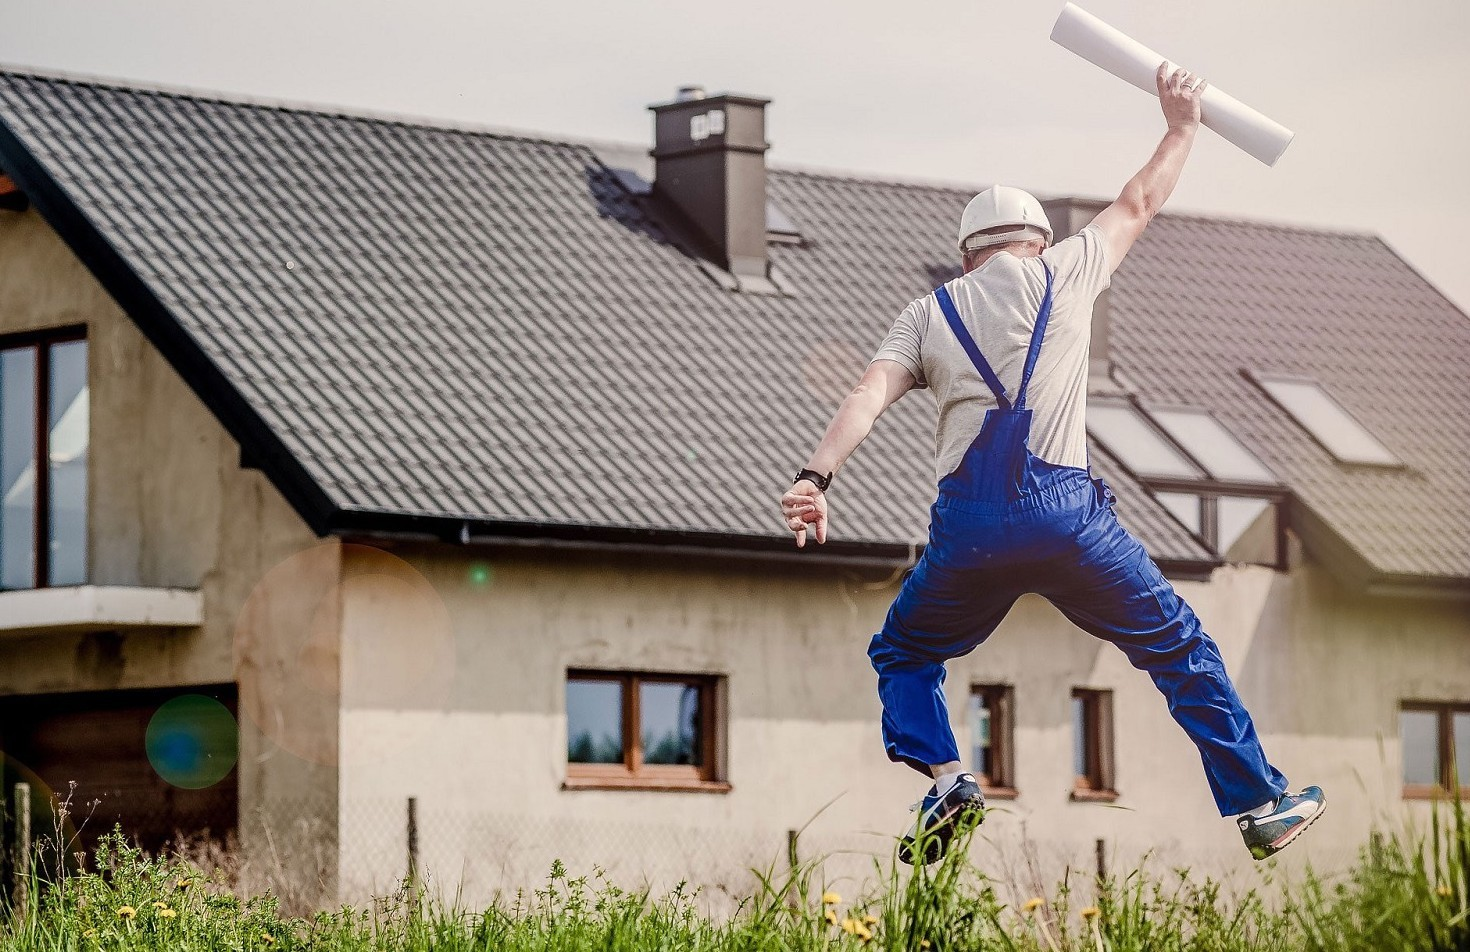 Lavori in casa senza permessi quali si possono fare. Regole aggiornate 2019